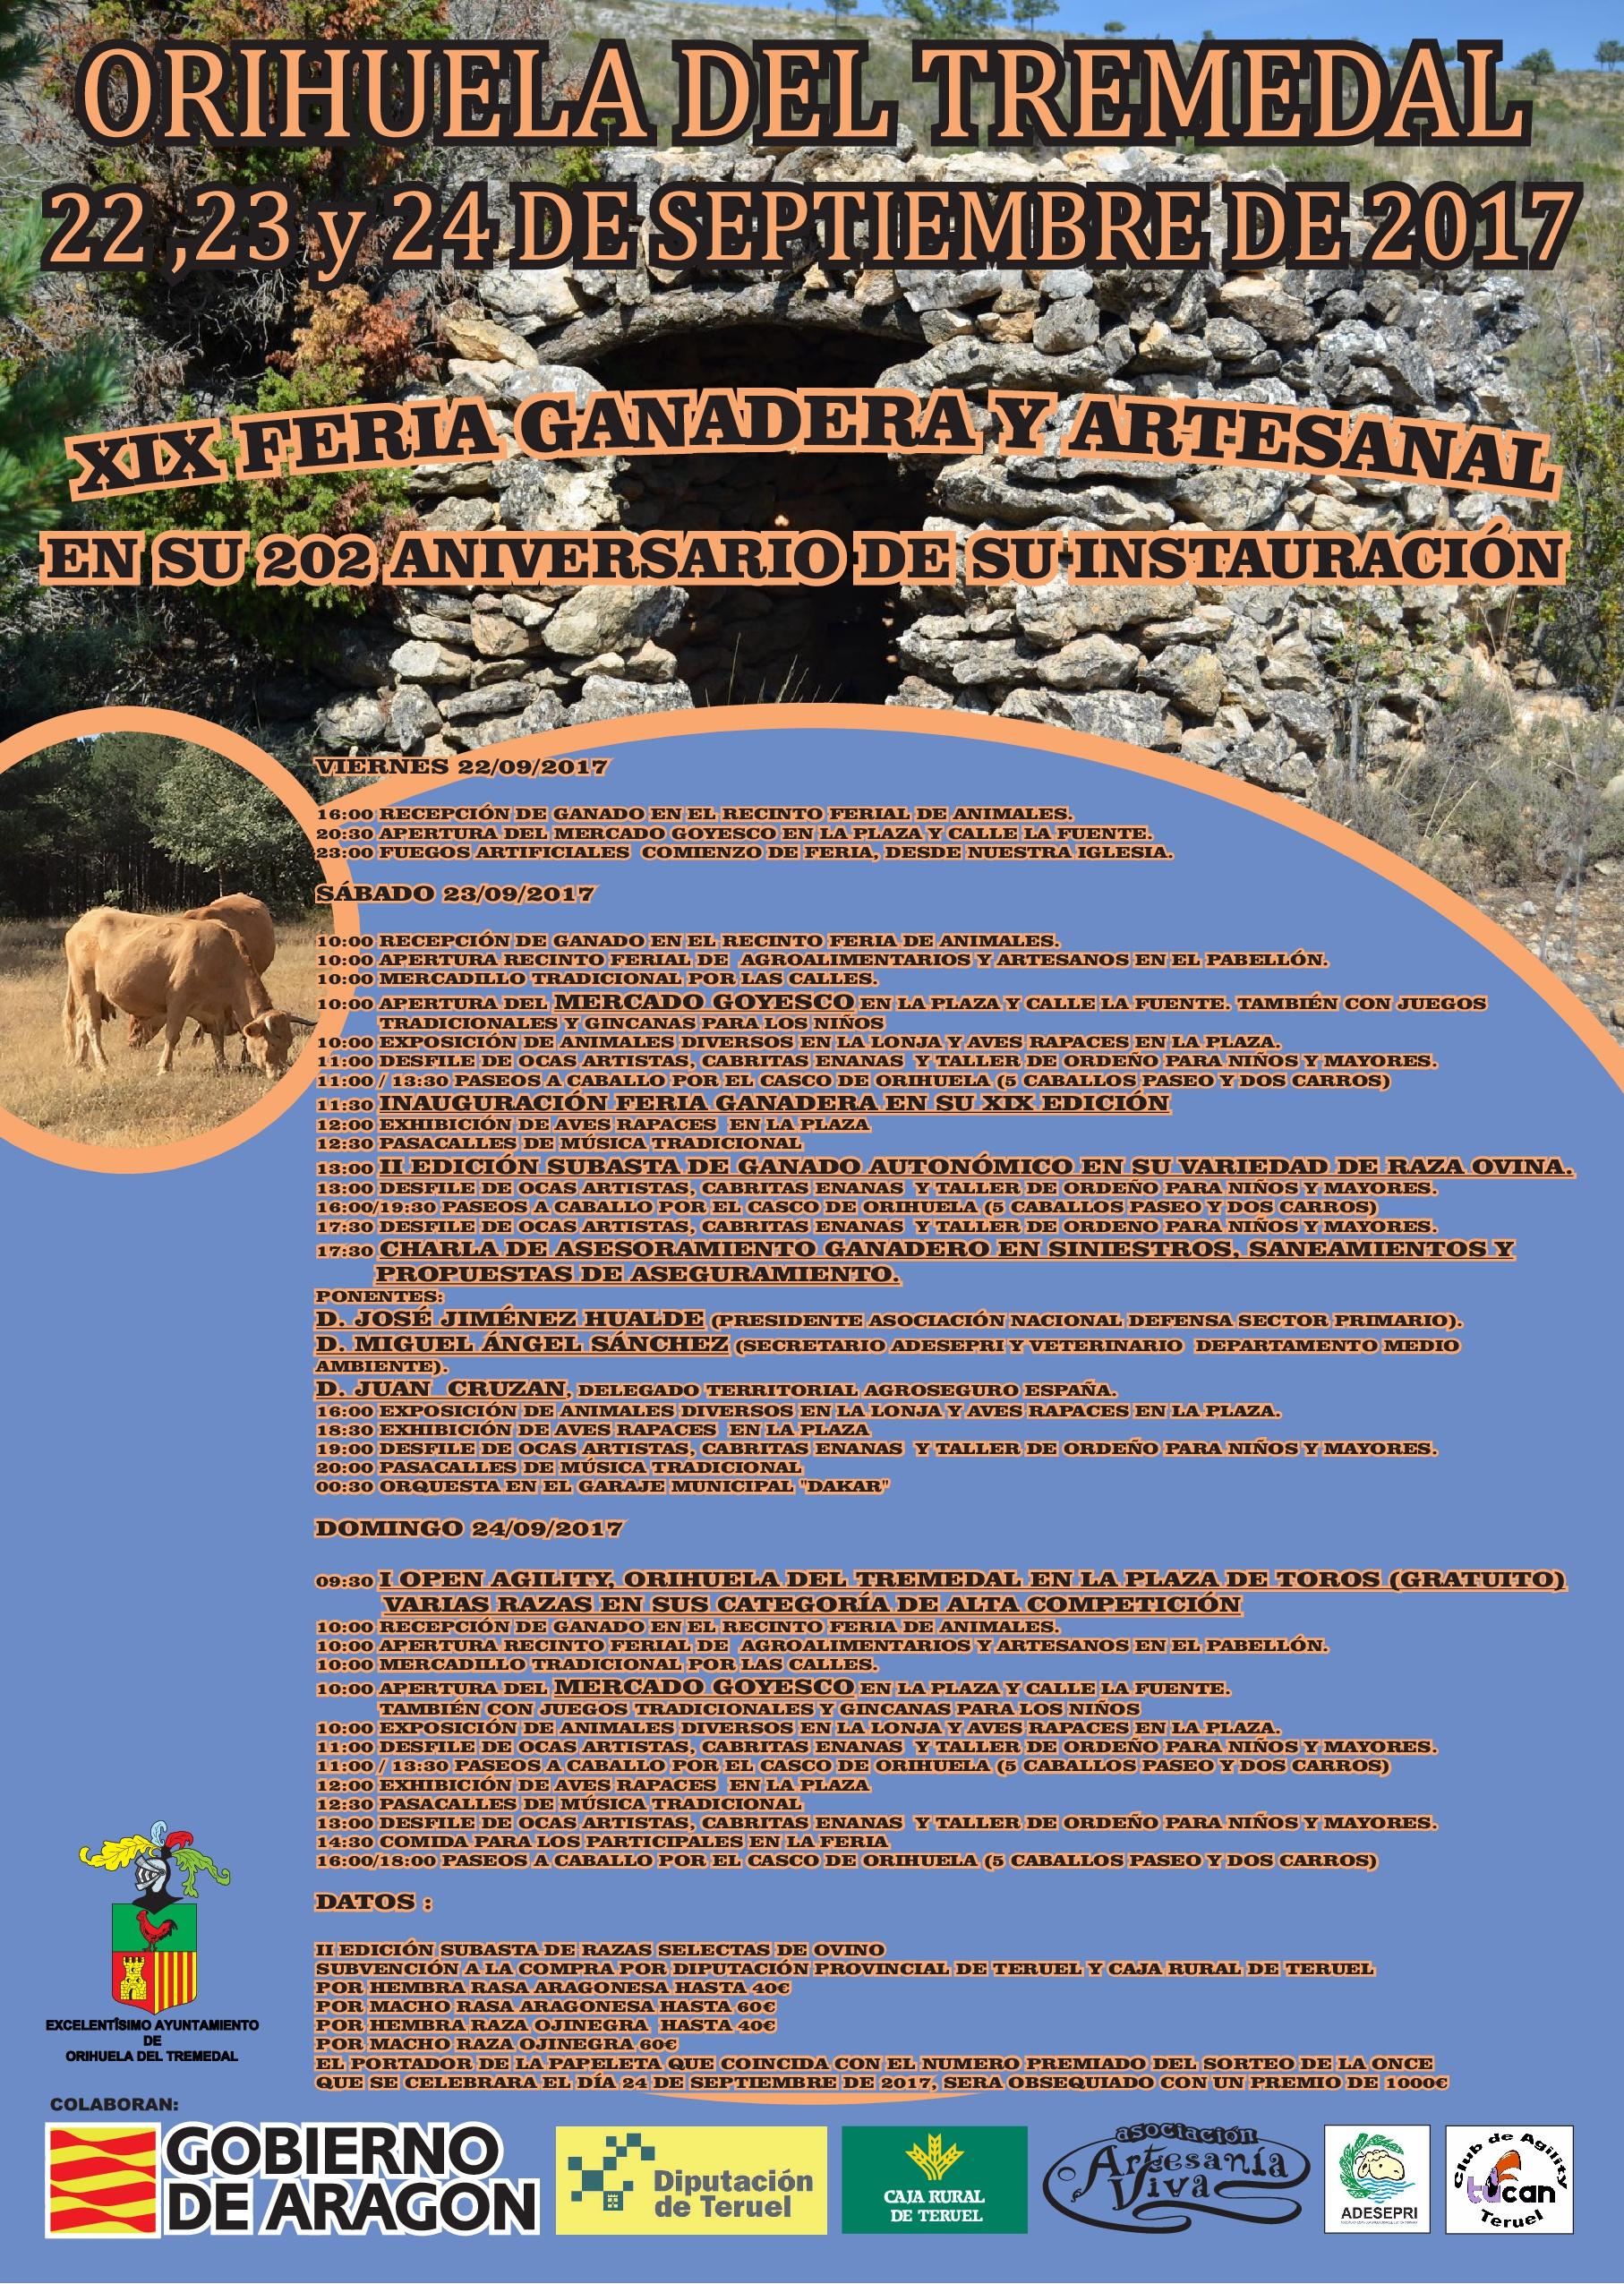 XIX Feria Ganadera y Artesanal de Orihuela del Tremedal.